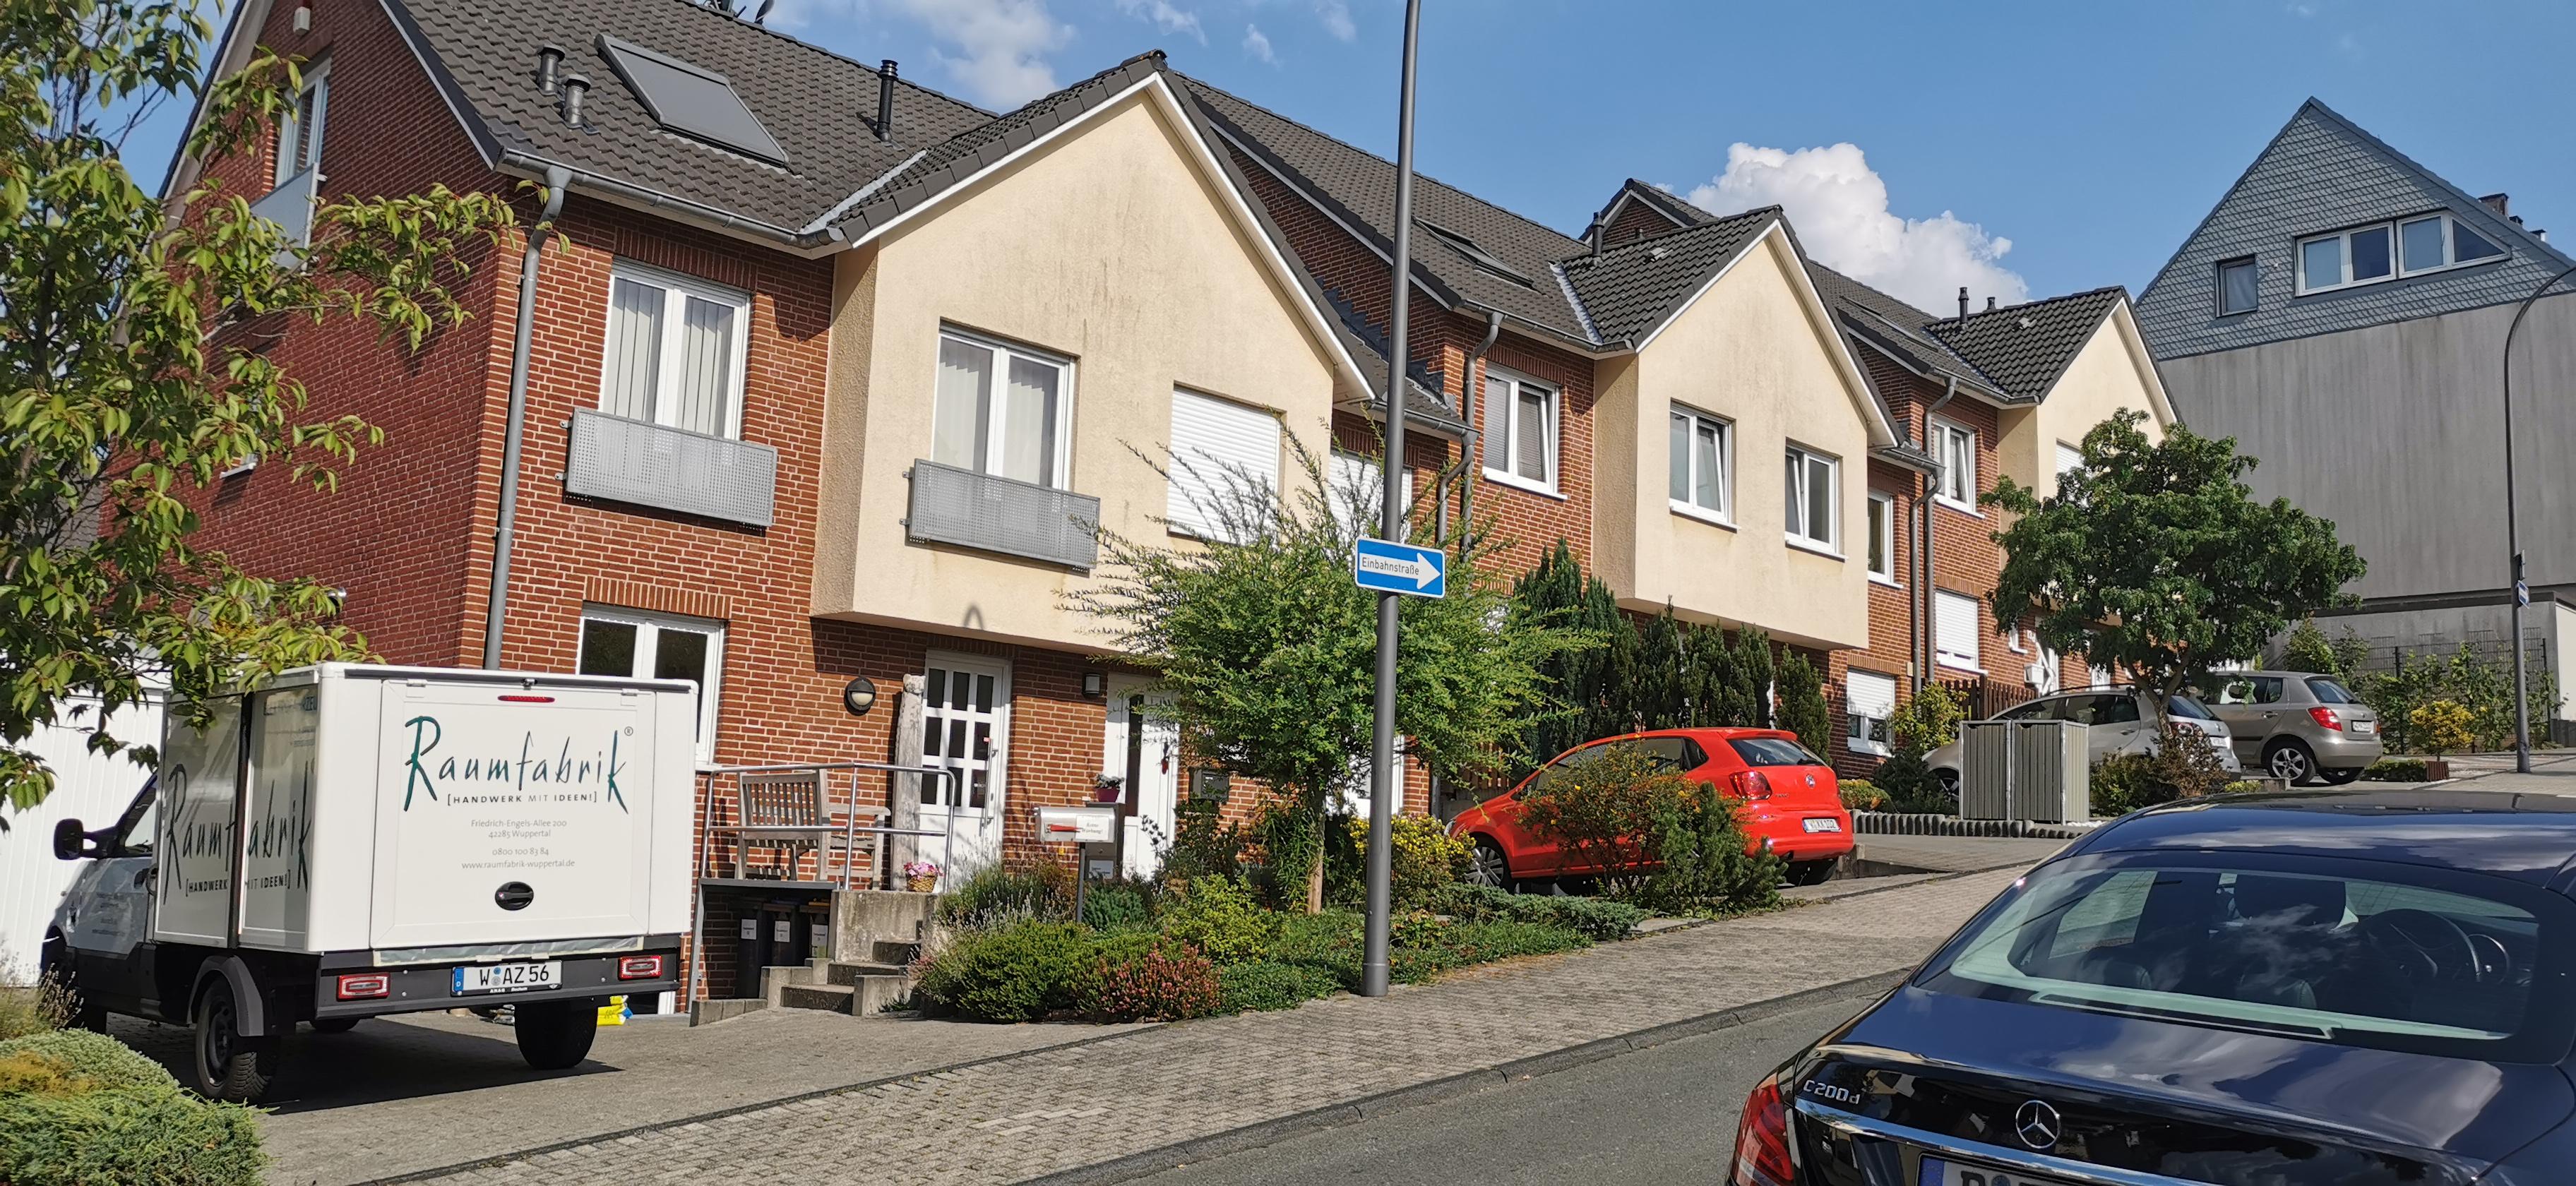 земельный участок в германии